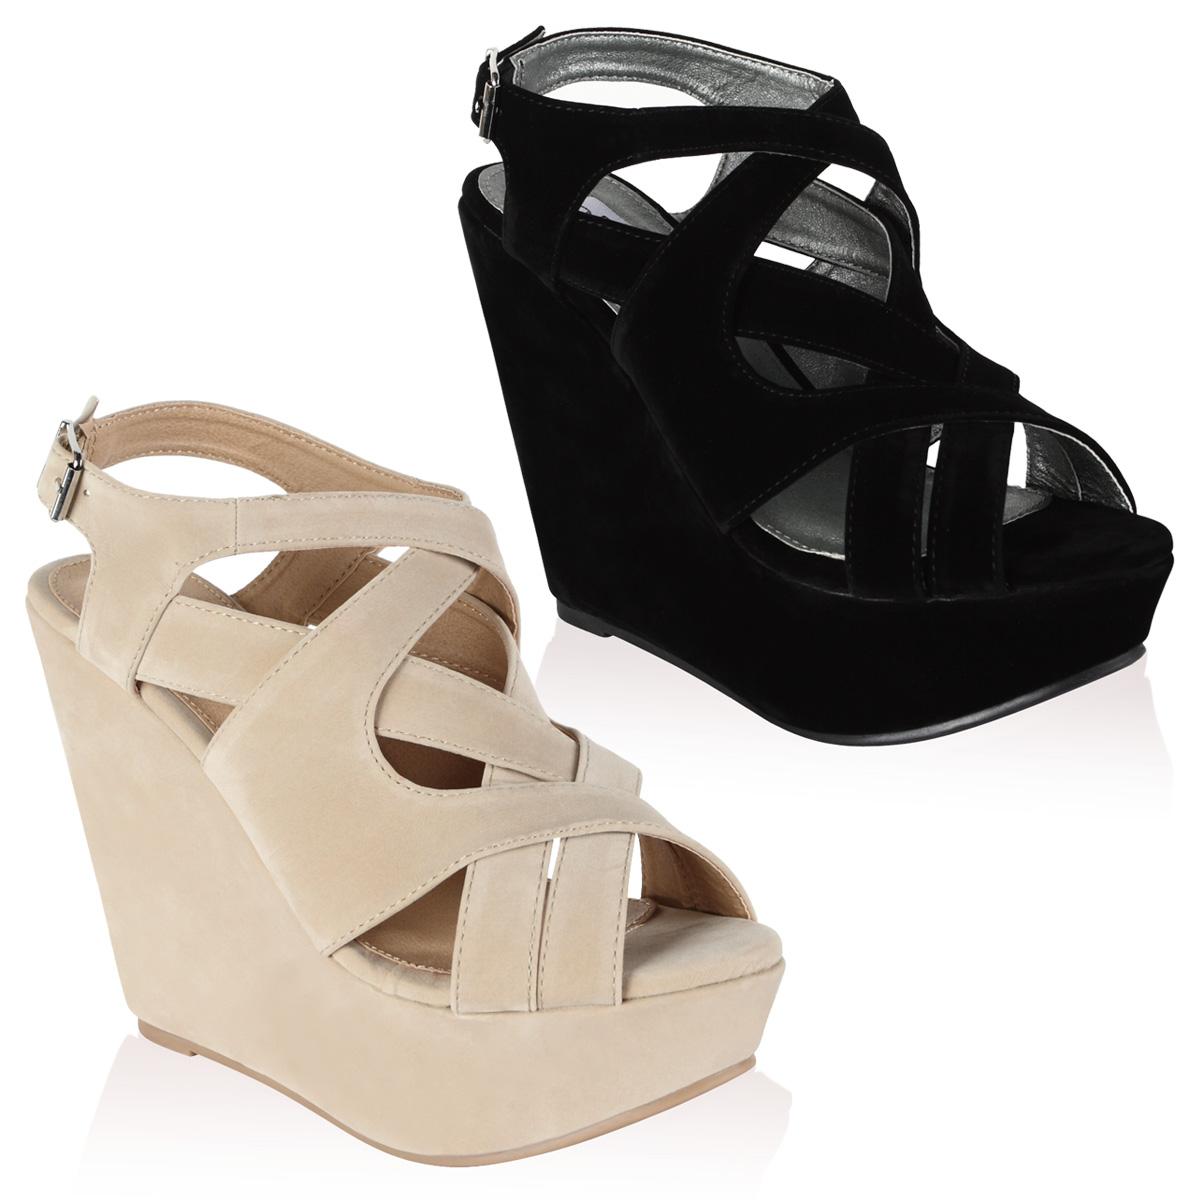 chaussure matiere daim pour femme a talon compense avec lanieres taille 36 40 ebay. Black Bedroom Furniture Sets. Home Design Ideas